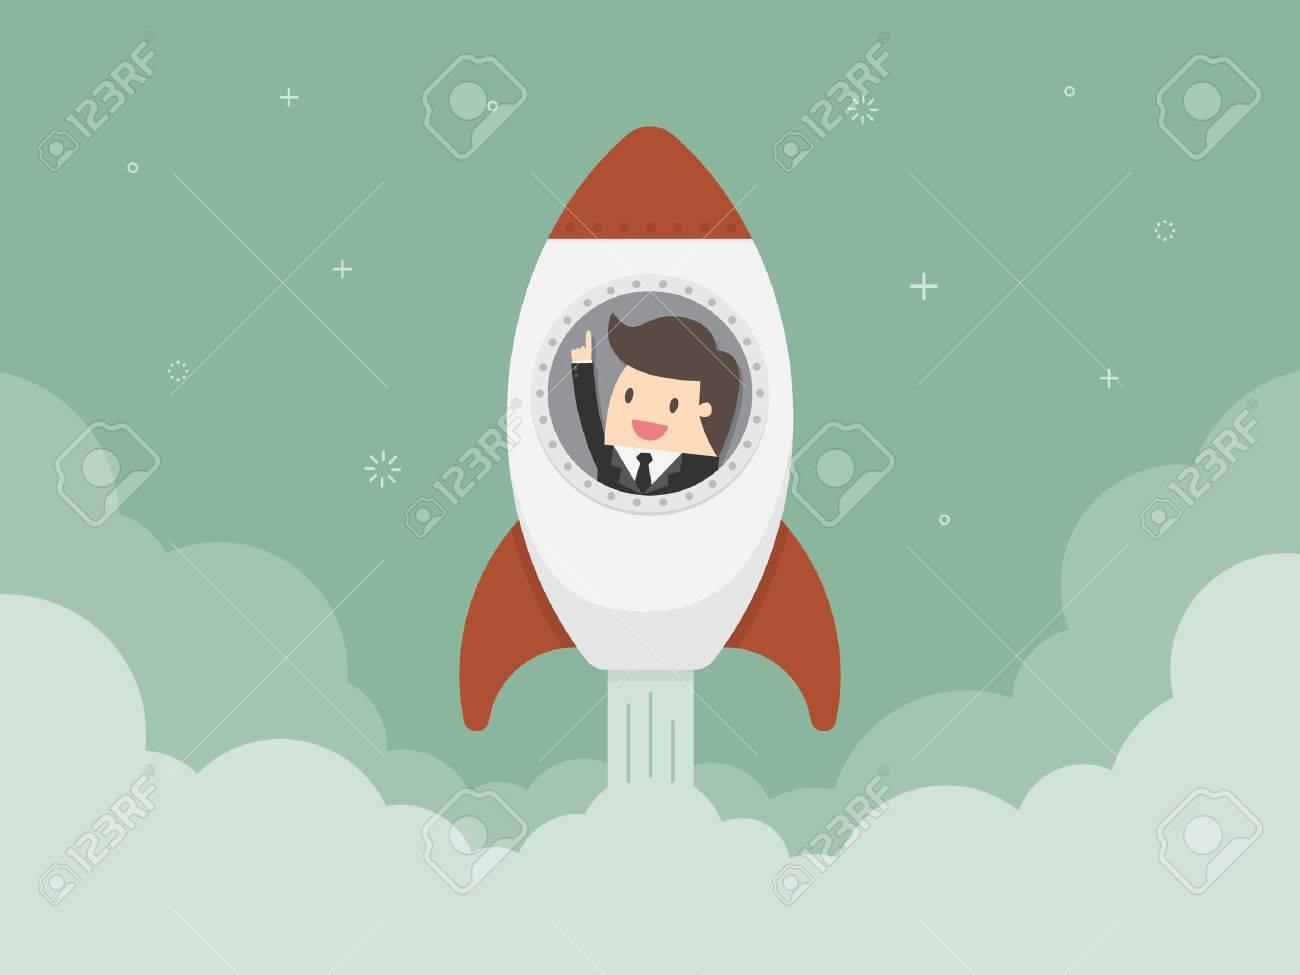 Startup Business. Flat design illustration. Businessman on a rocket - 54429691